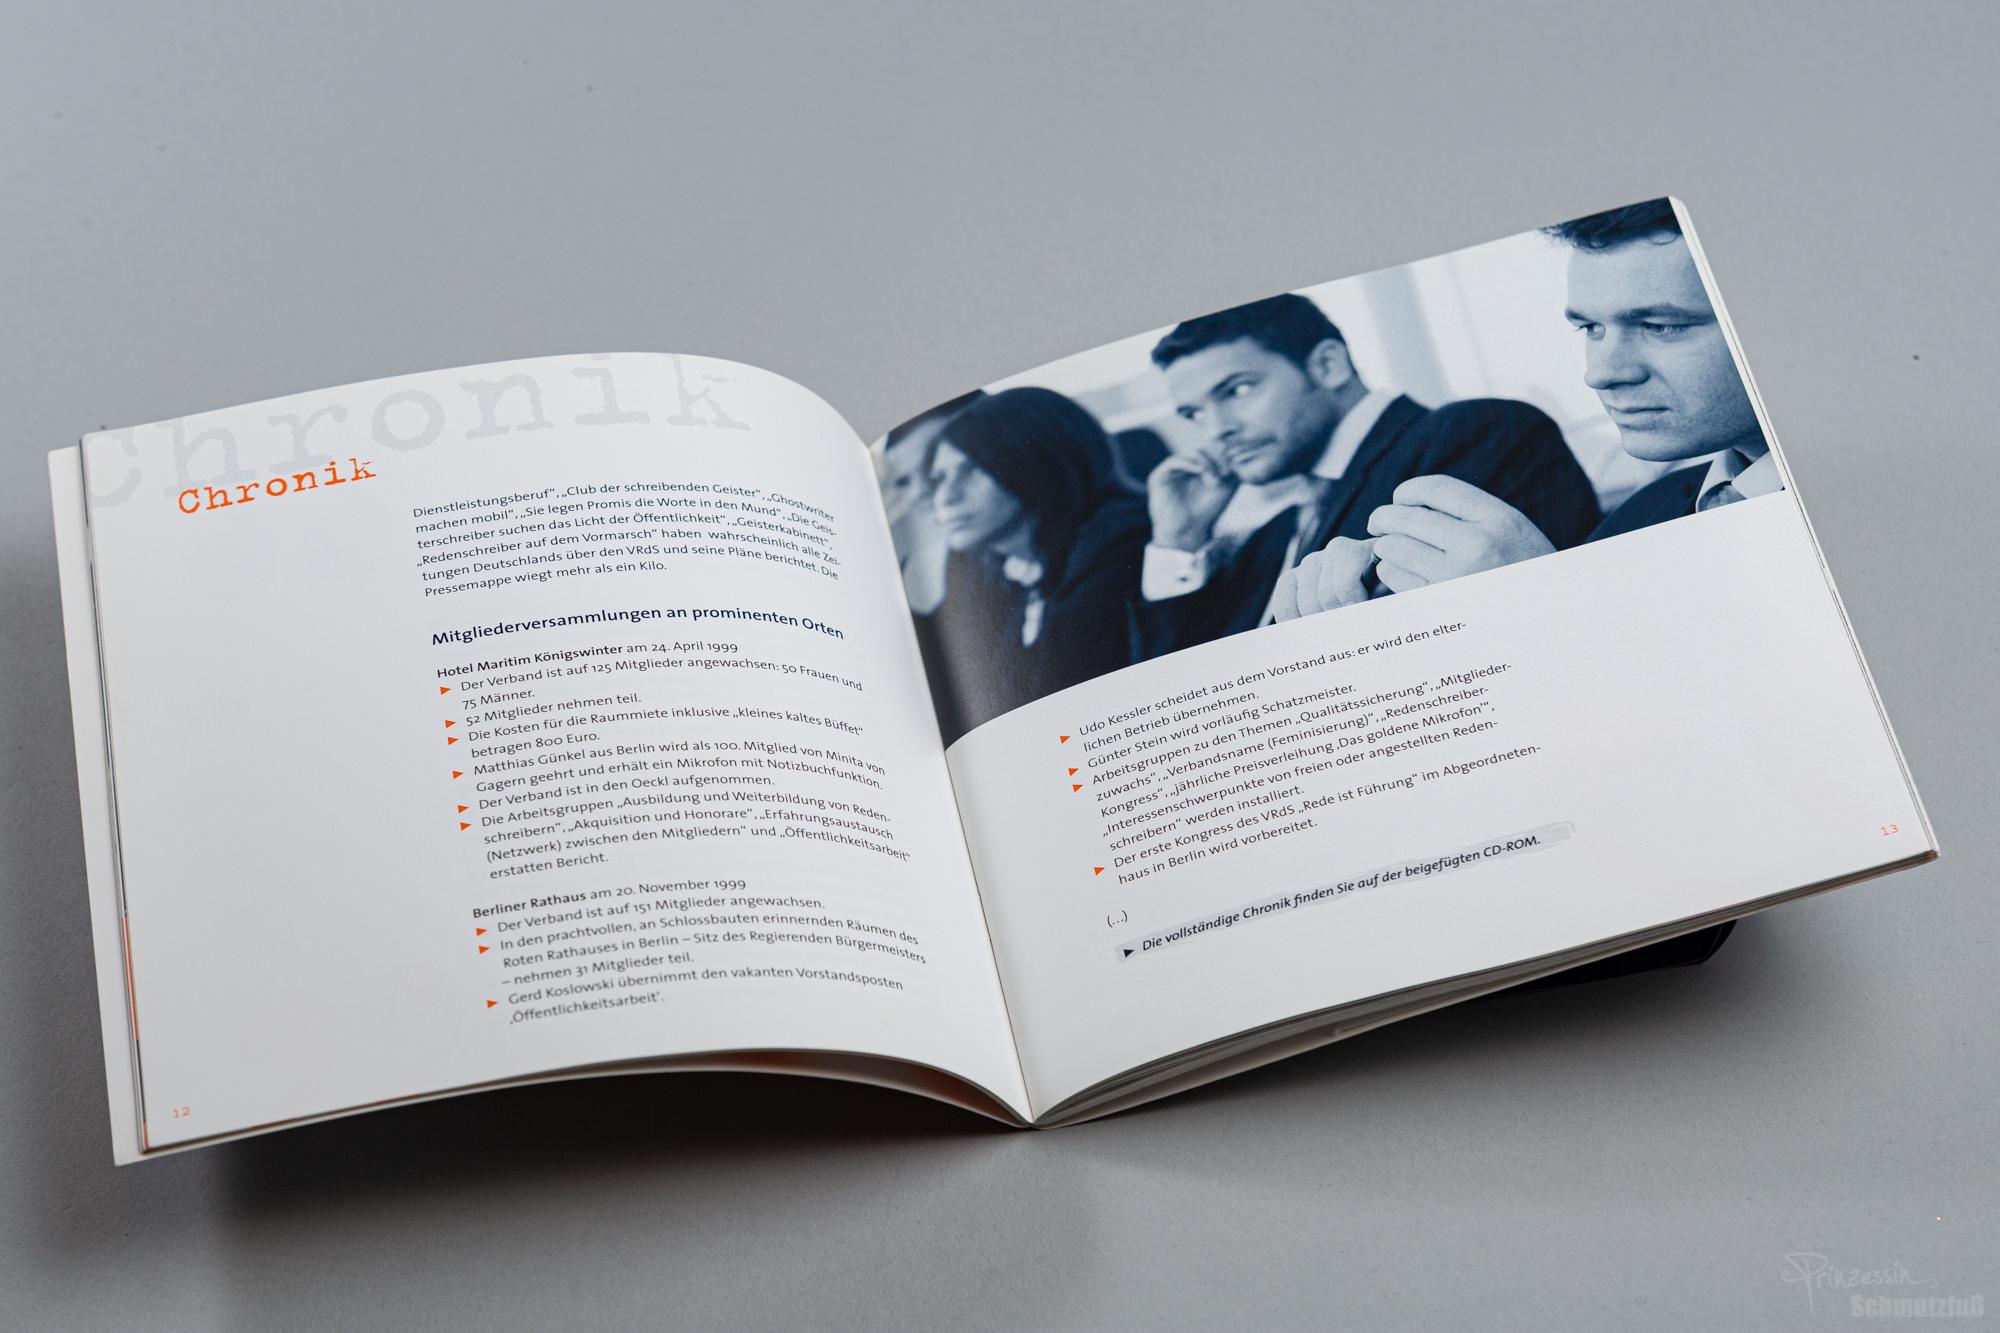 Textsatz | Foto Farbanpassung | Vrds | Anstellung bei da vinci design